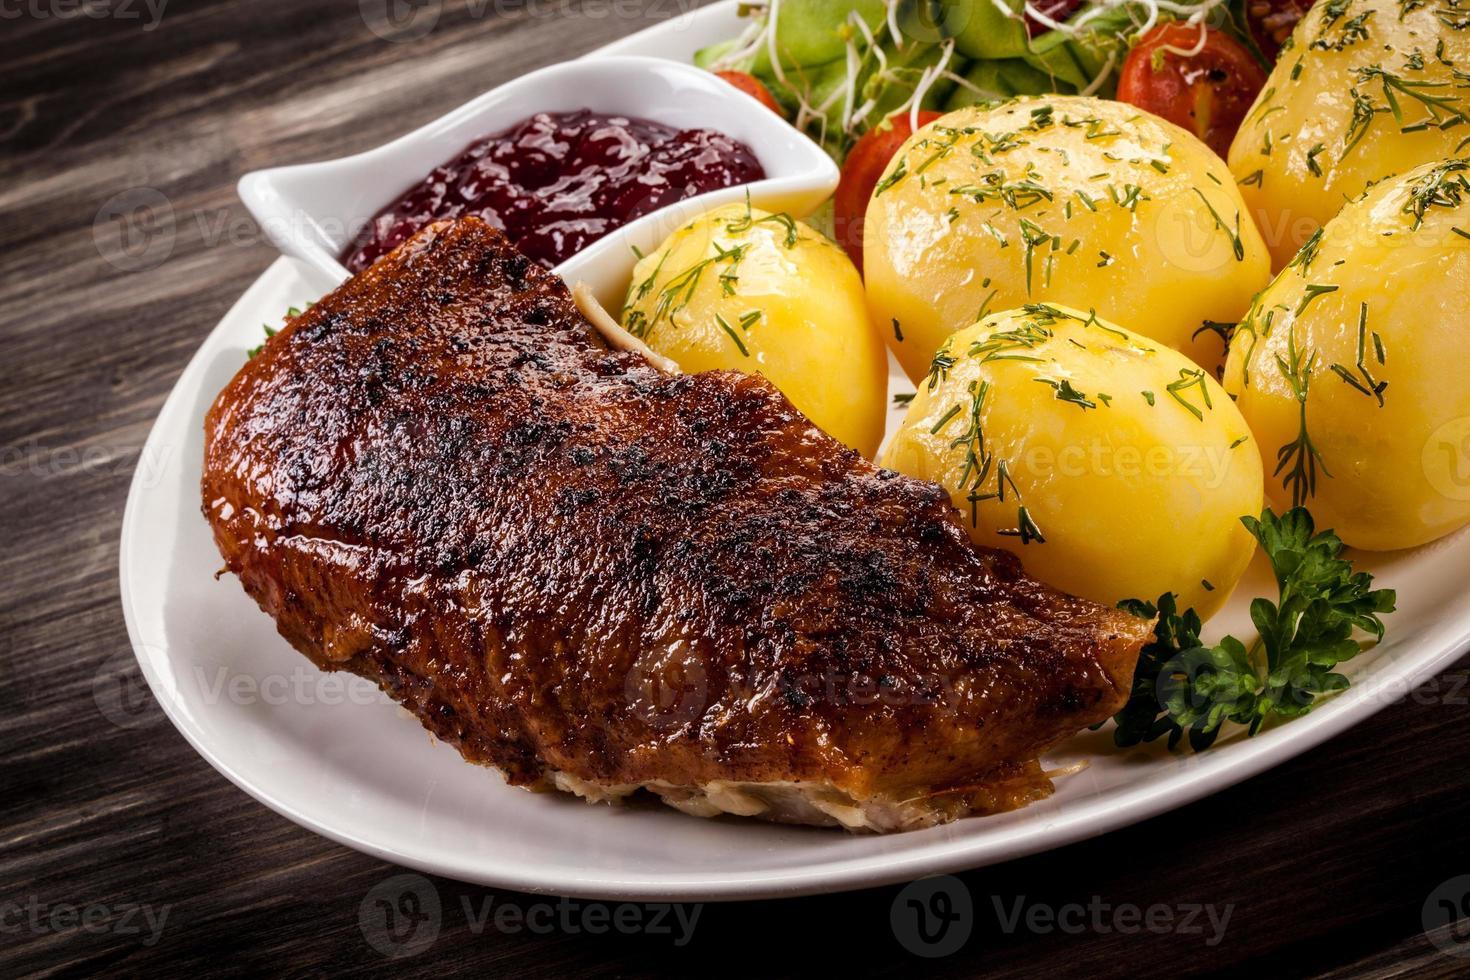 filé de pato assado, batatas cozidas e salada de legumes foto